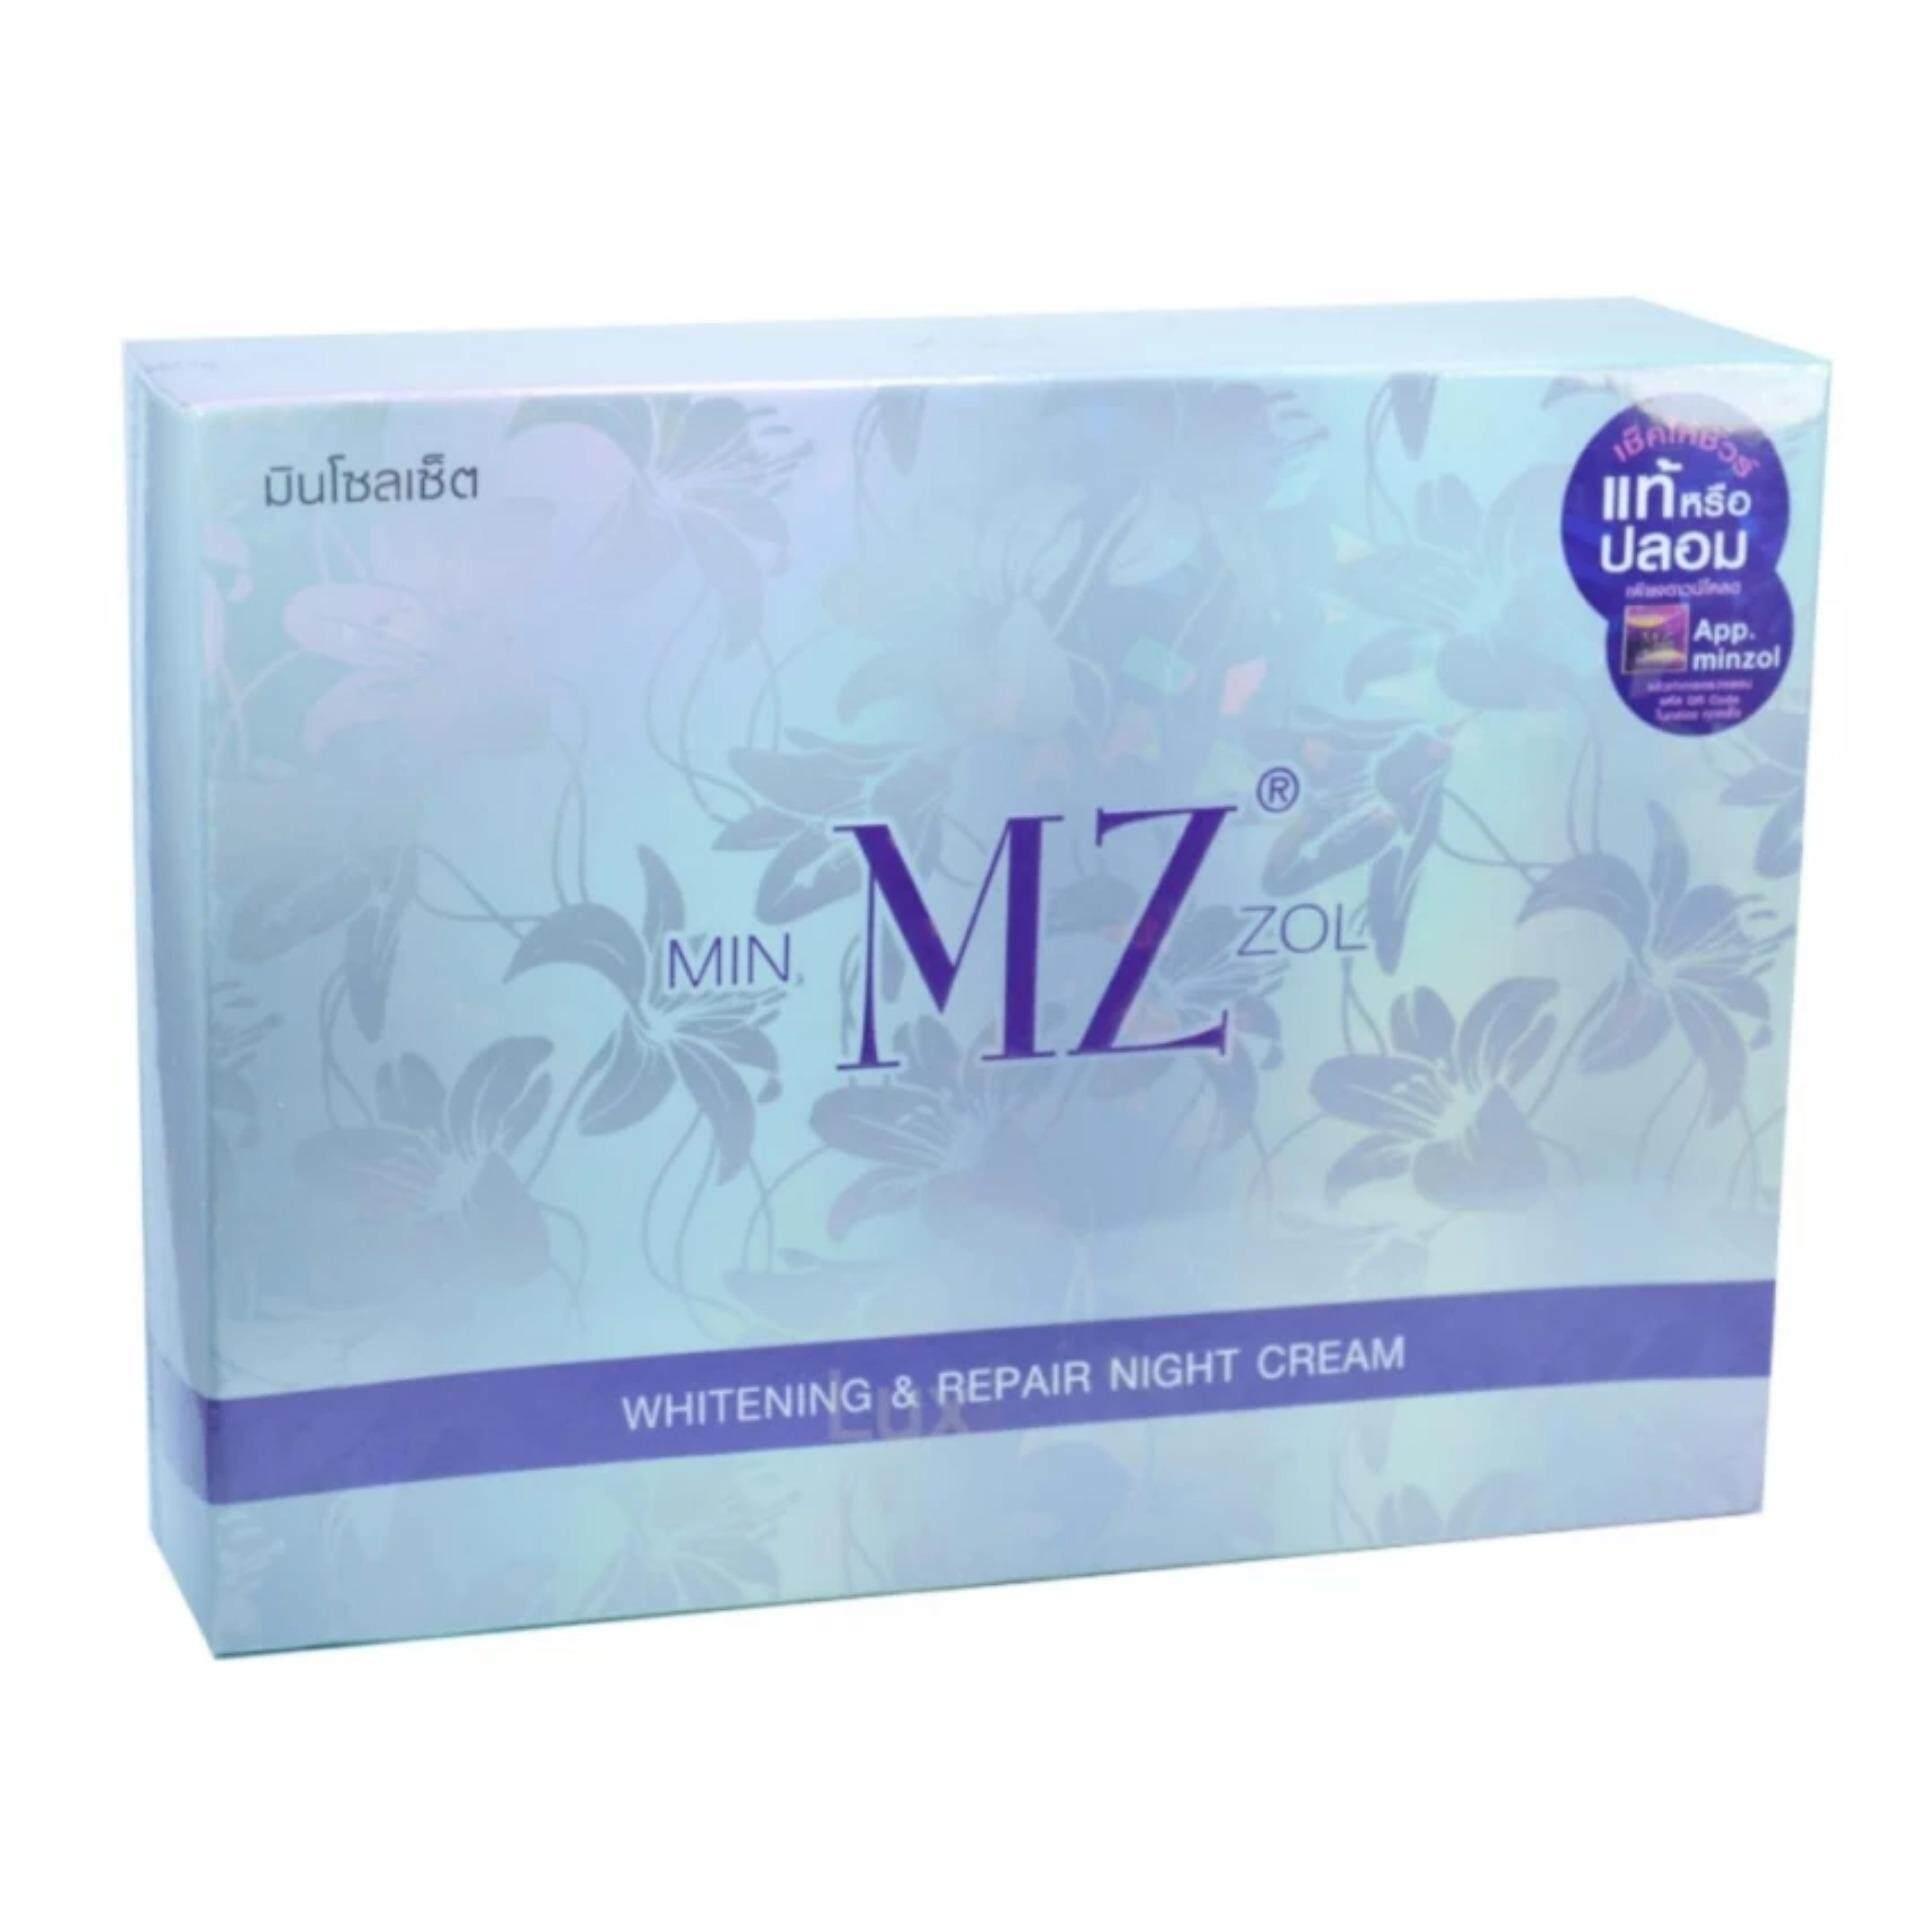 ใช้ดีไหมค่ะ MinZol ครีมมินโซว หน้าขาว กระจ่างใส ไร้สิว x1เซ็ท (ของแท้100%) ครีมบำรุงหน้าที่ดีที่สุด